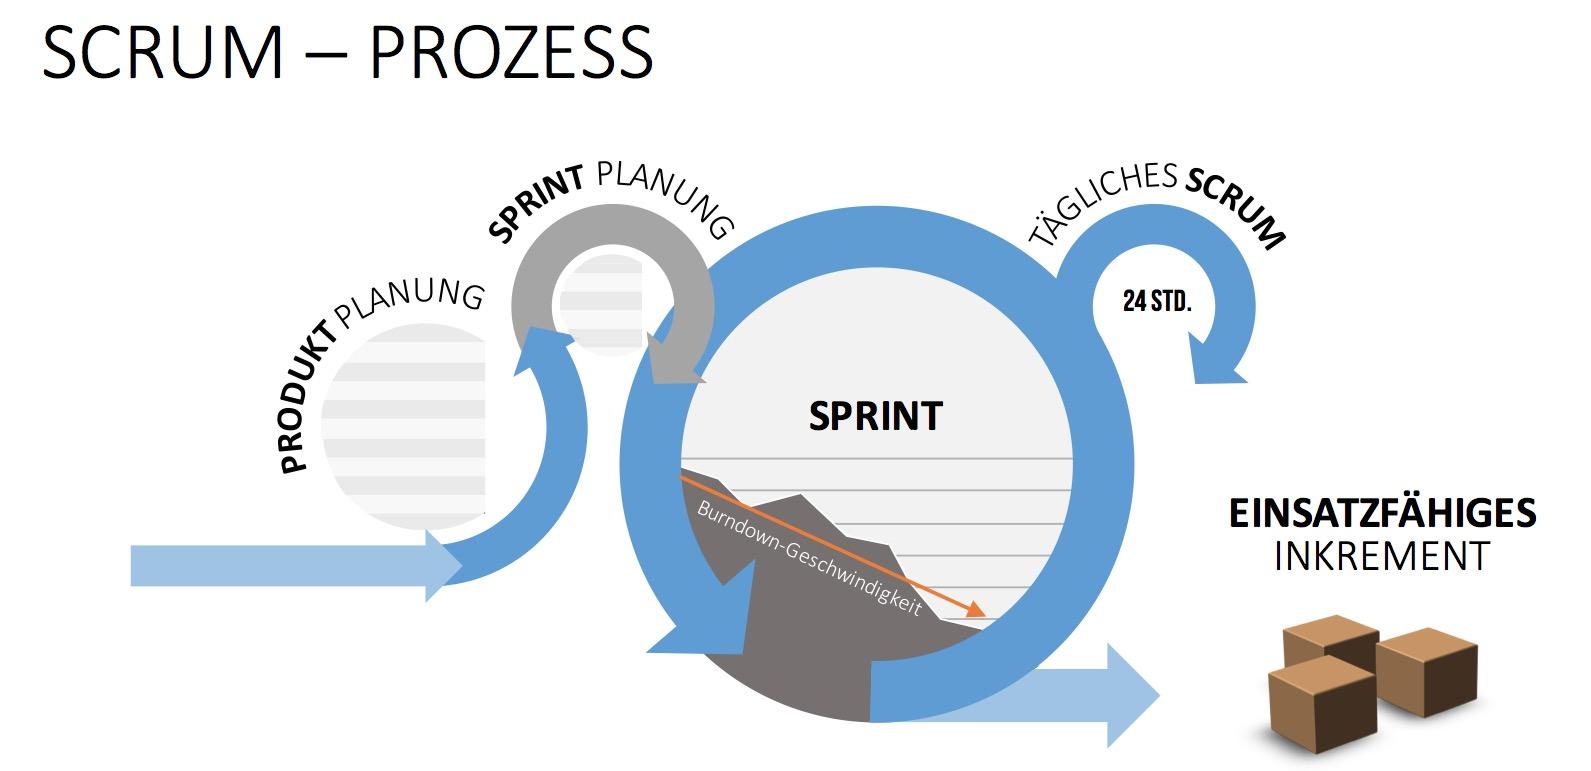 SCRUM_Prozess